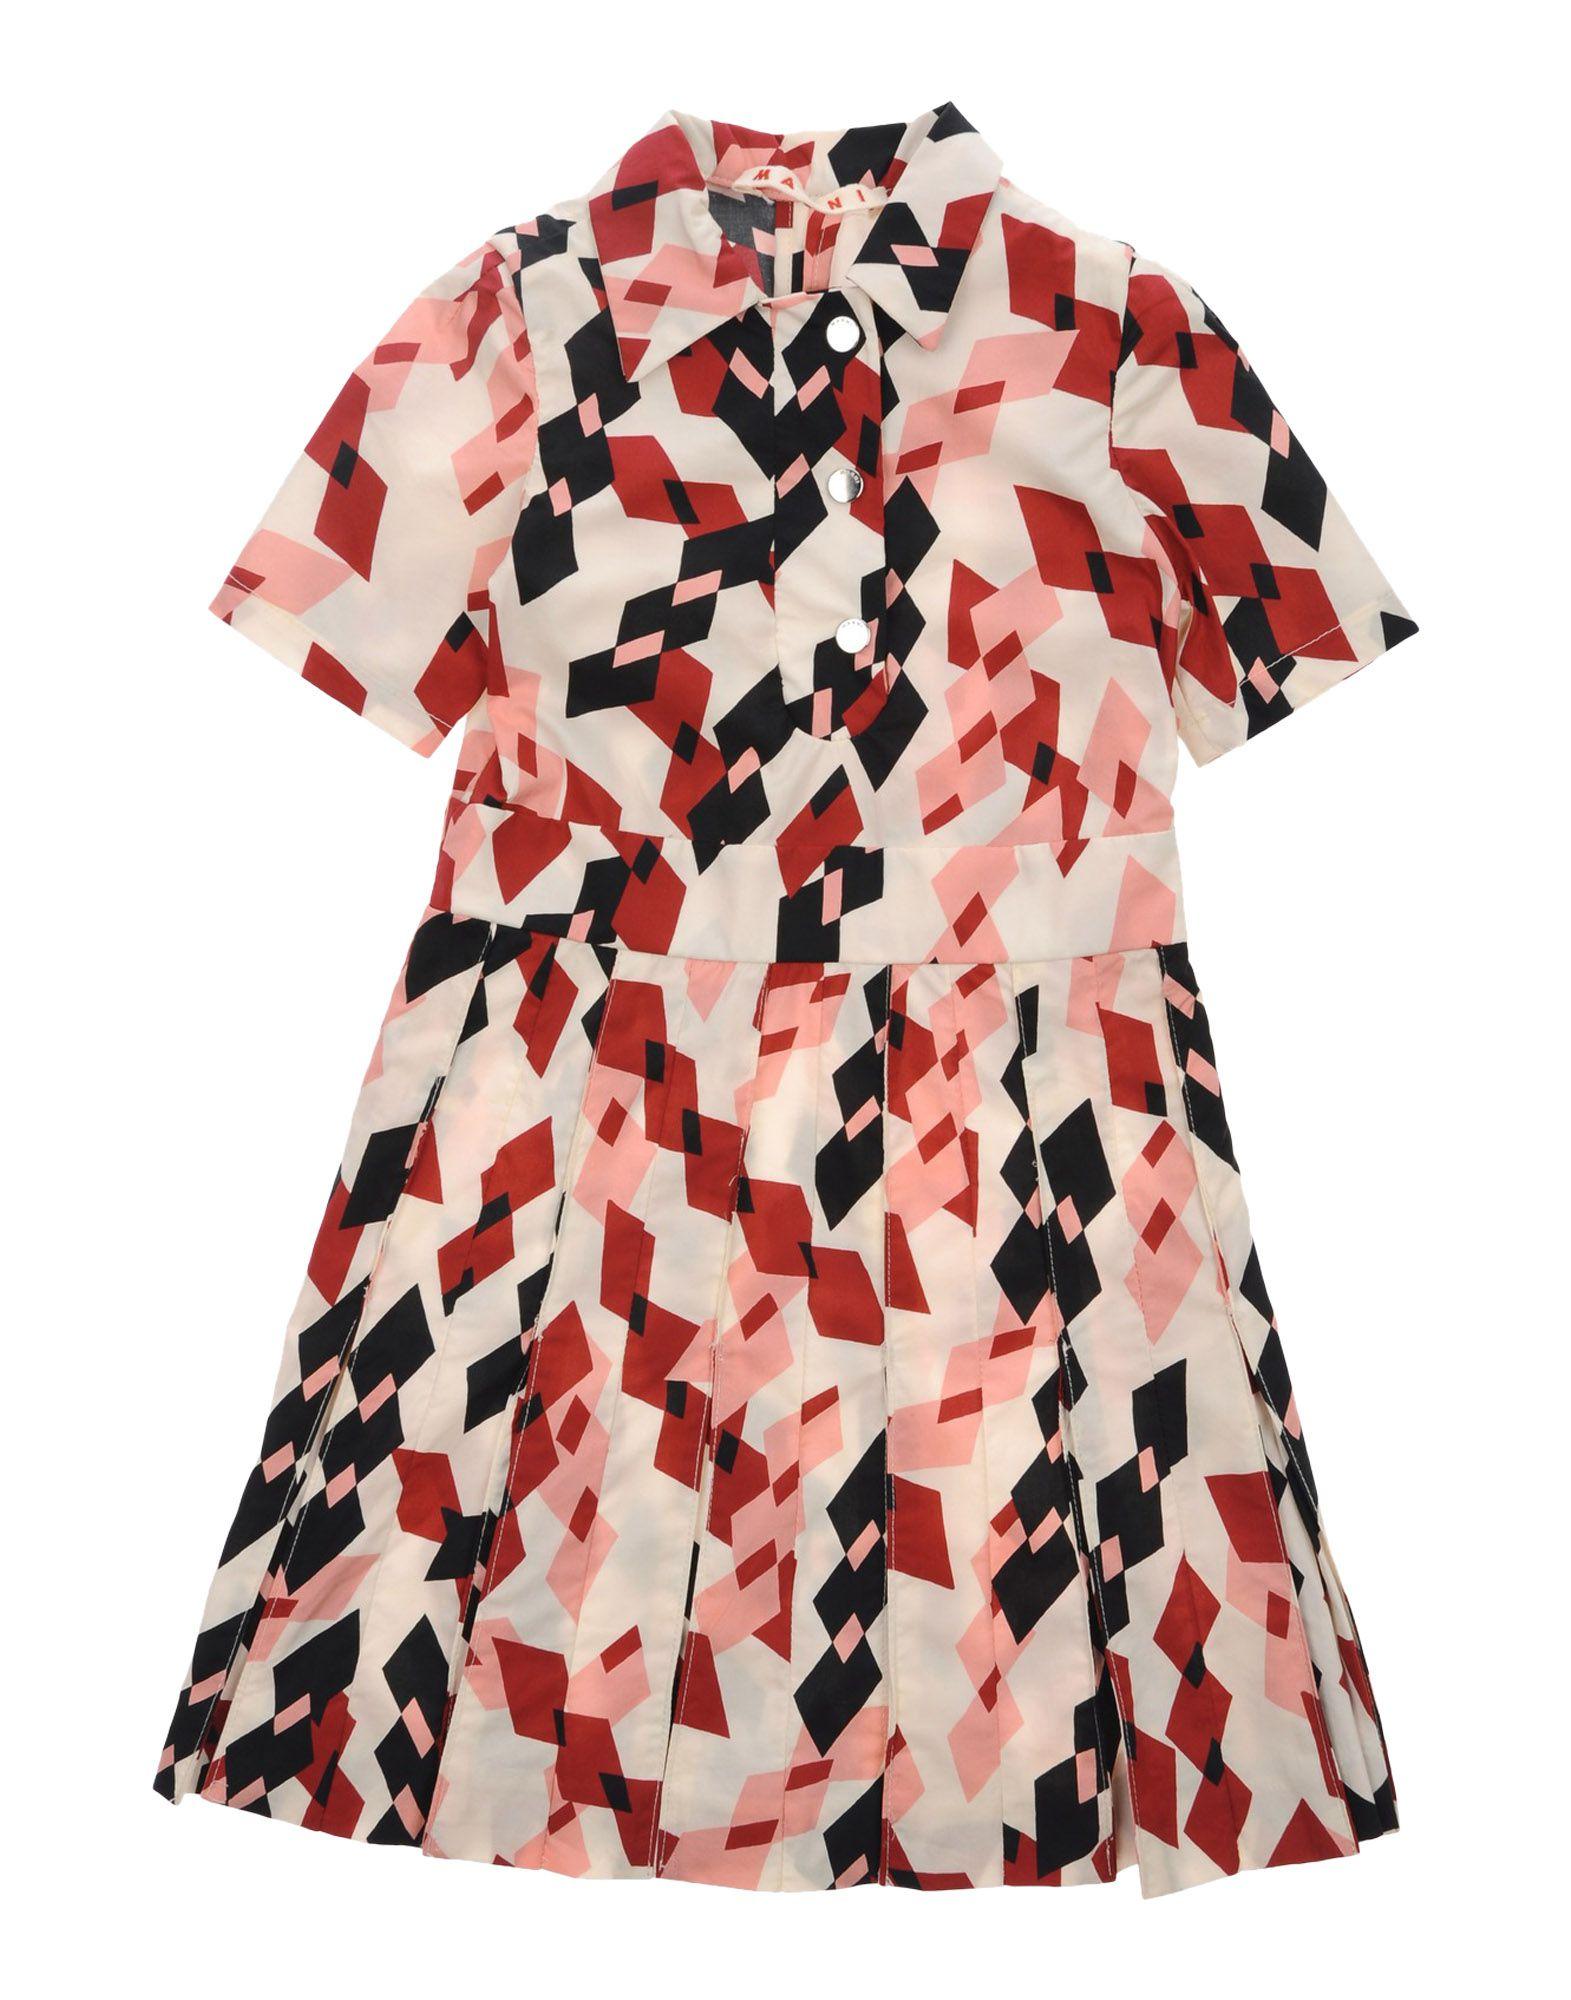 MARNI Mädchen 0-24 monate Kleid Farbe Elfenbein Größe 10 - broschei